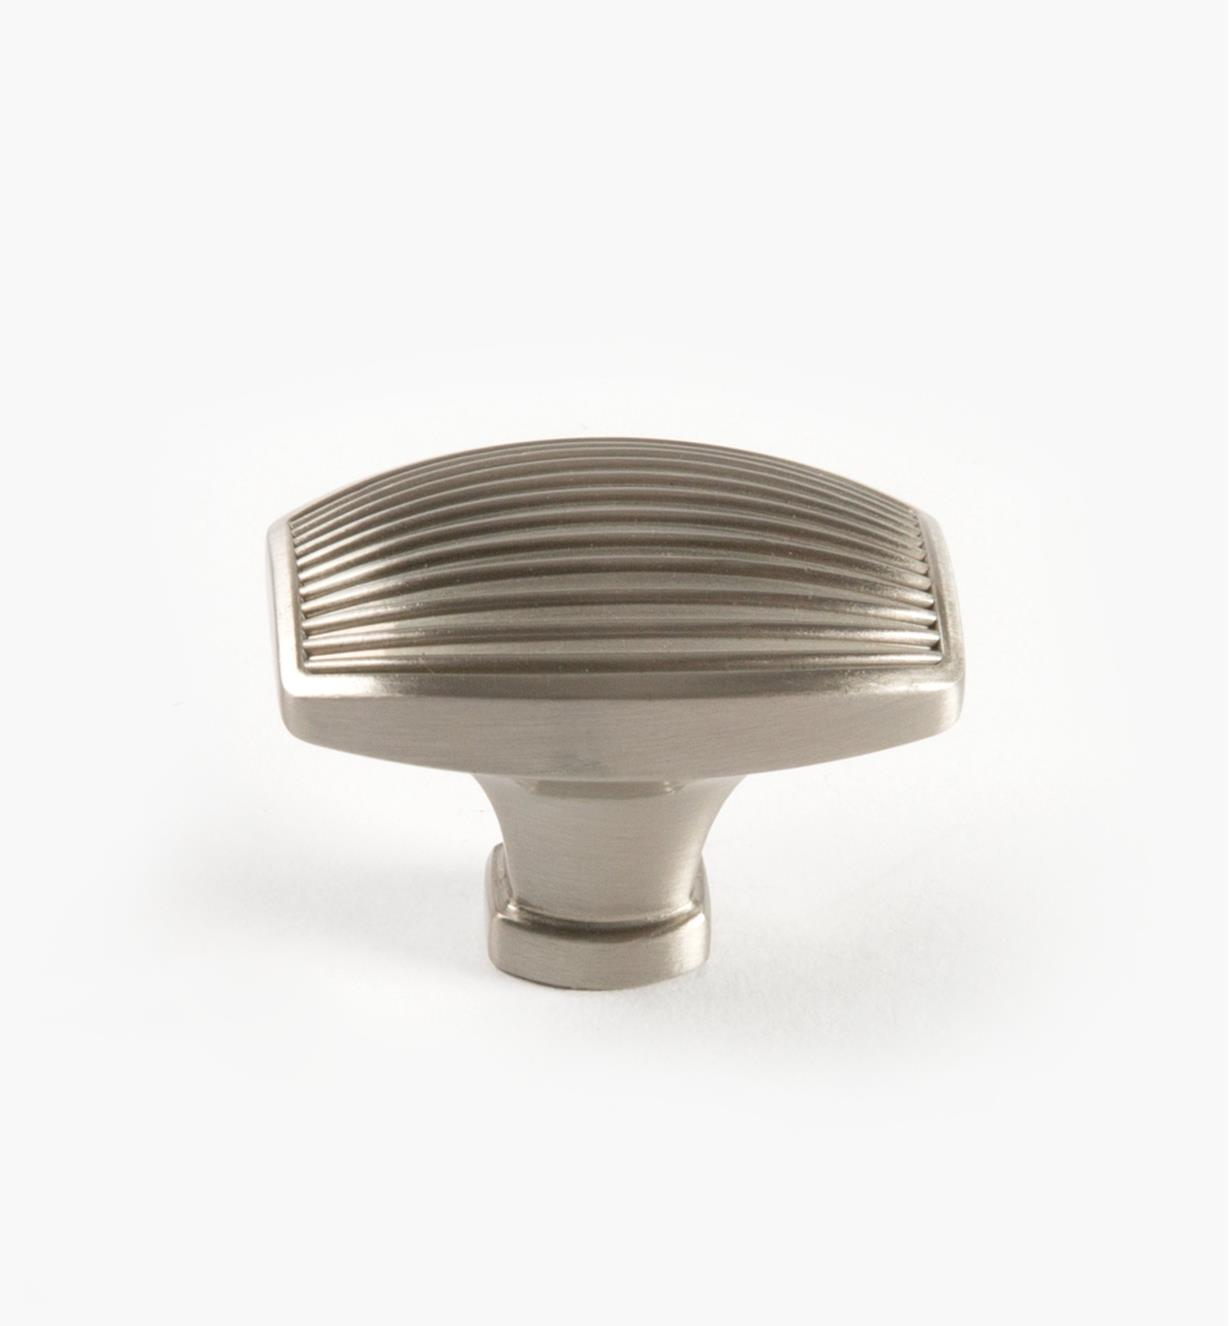 02A1533 - Petit bouton Seagrass, 1 1/2po, nickel satiné, l'unité